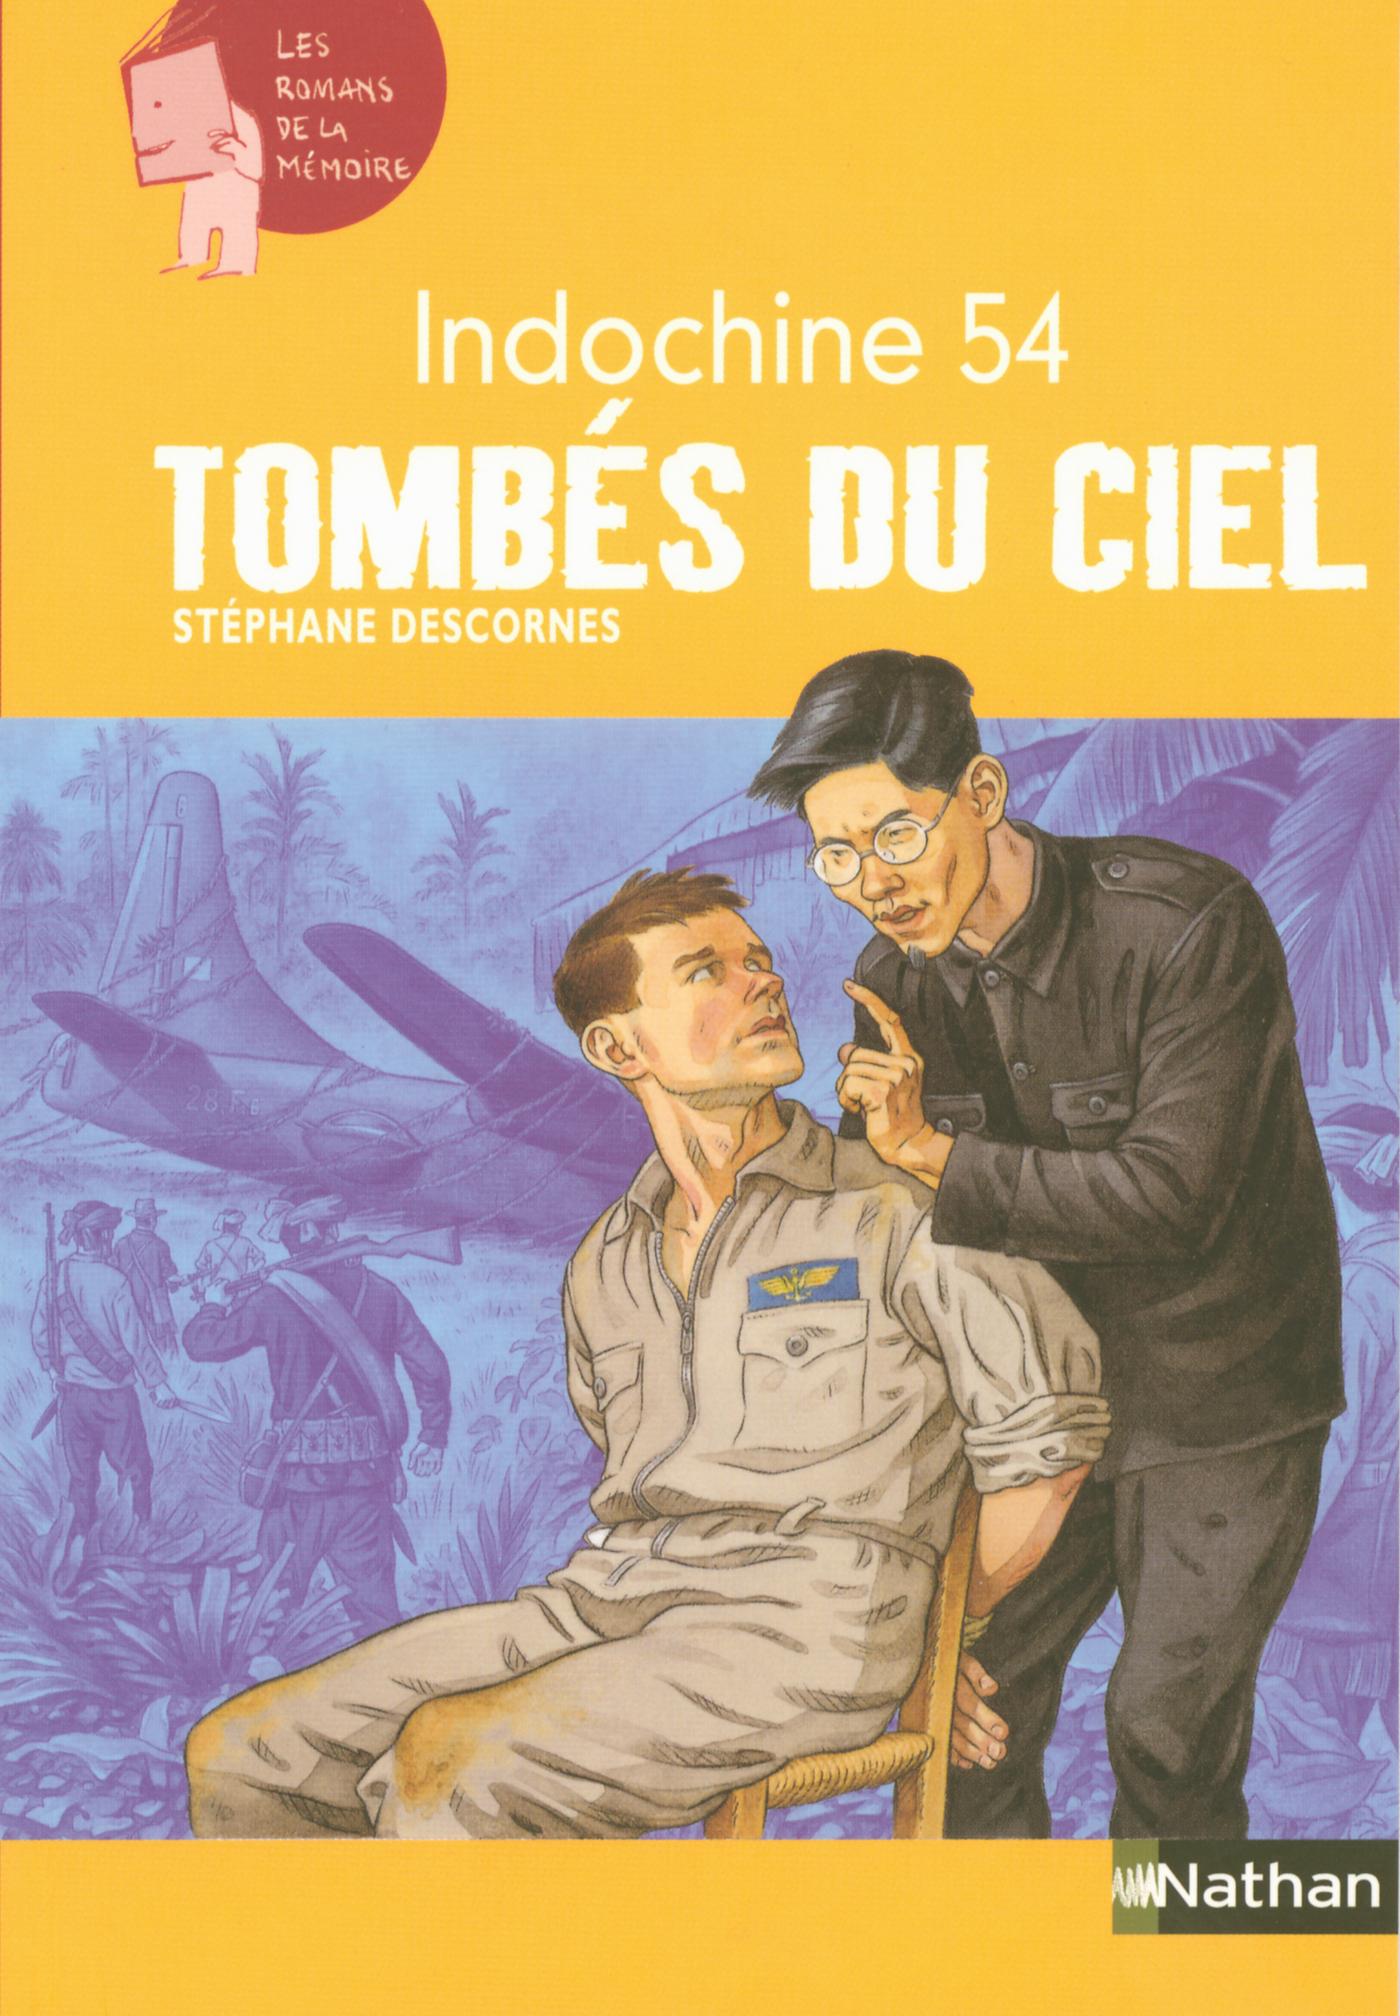 Indochine 54 : Tombés du ciel